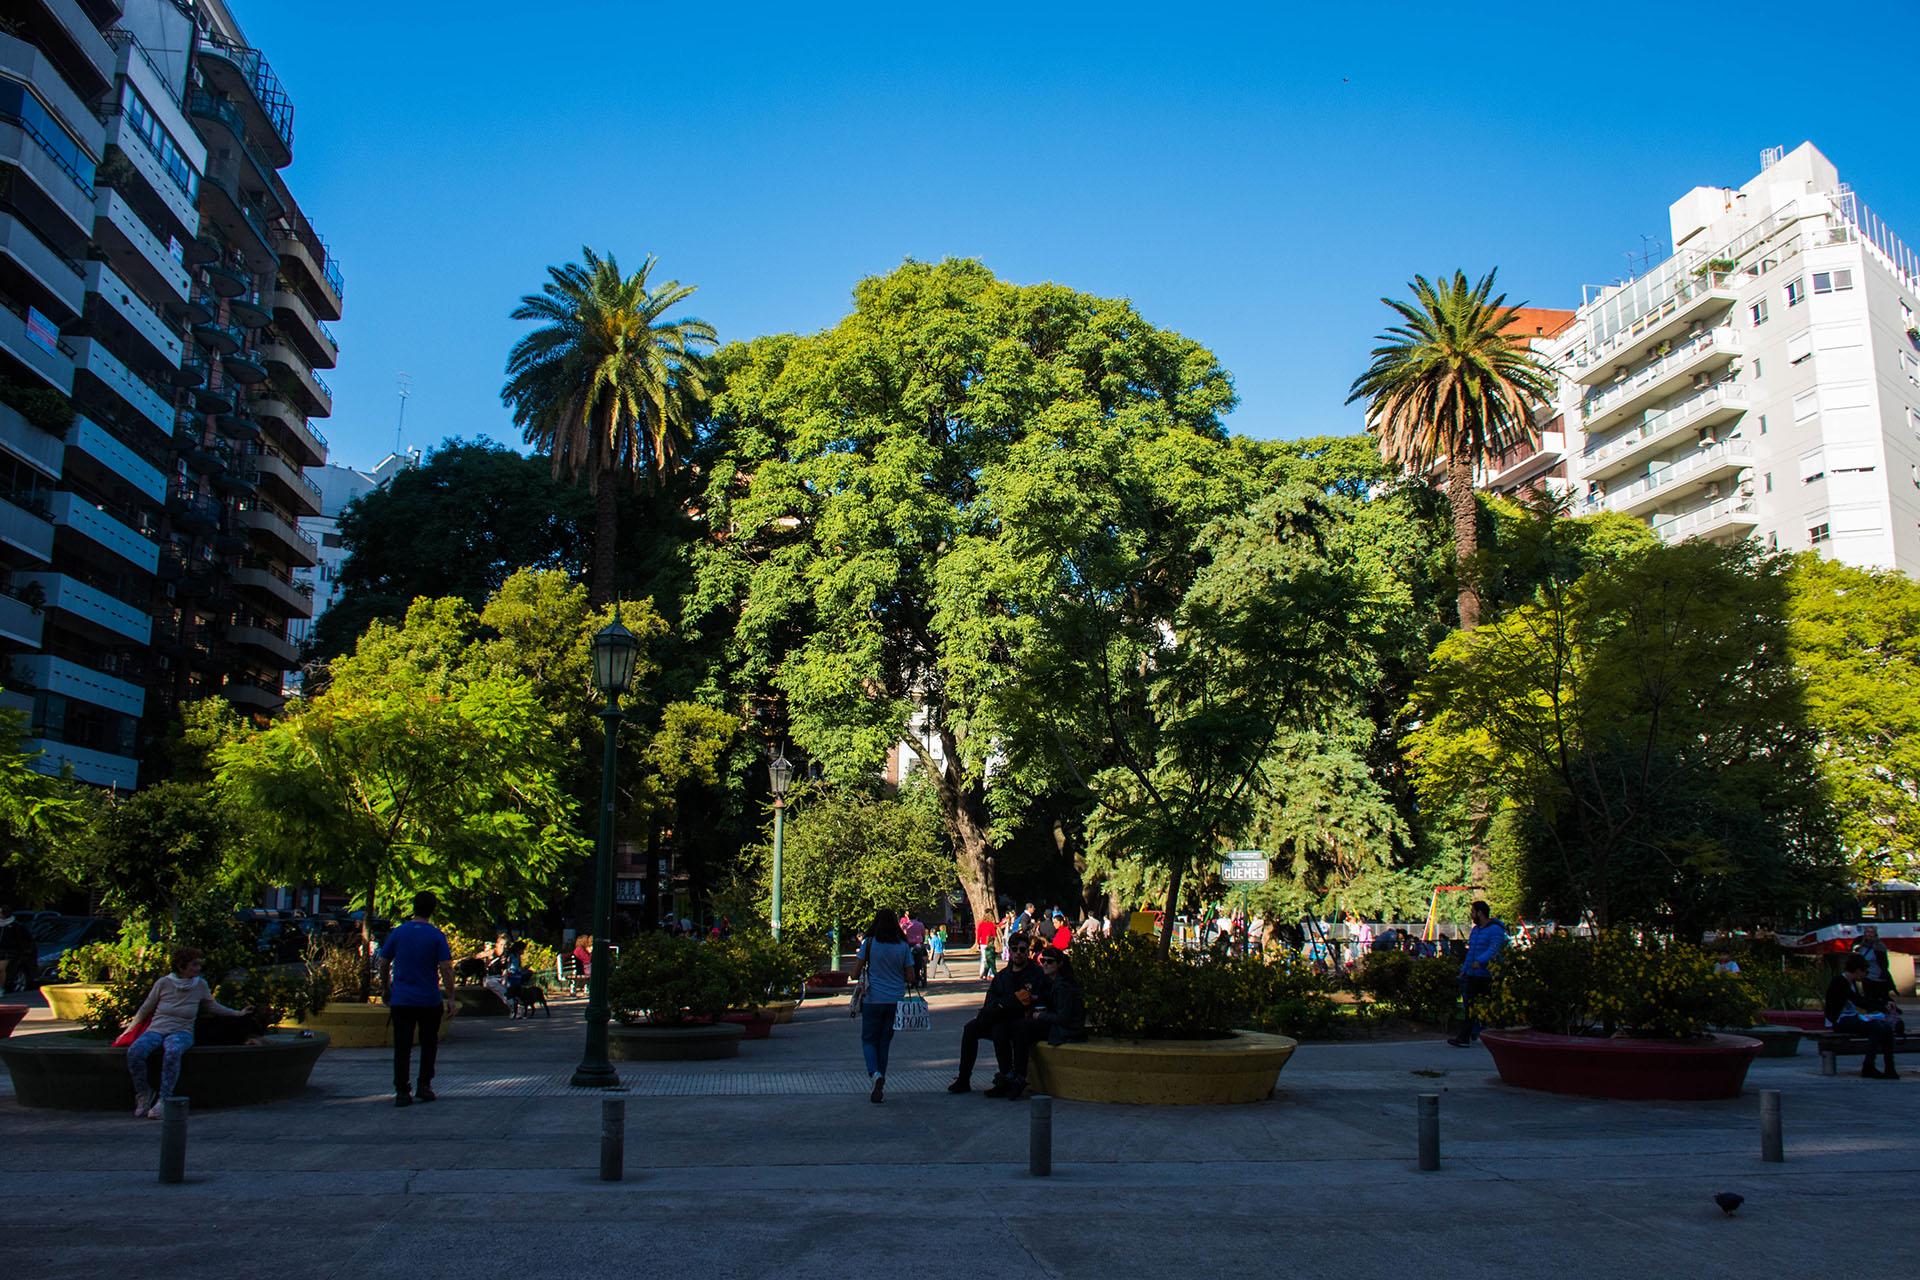 La plaza Güemes se encuentra ubicada entre las calles Mansilla, Salguero, Medrano y los últimos metros del boulevard Charcas